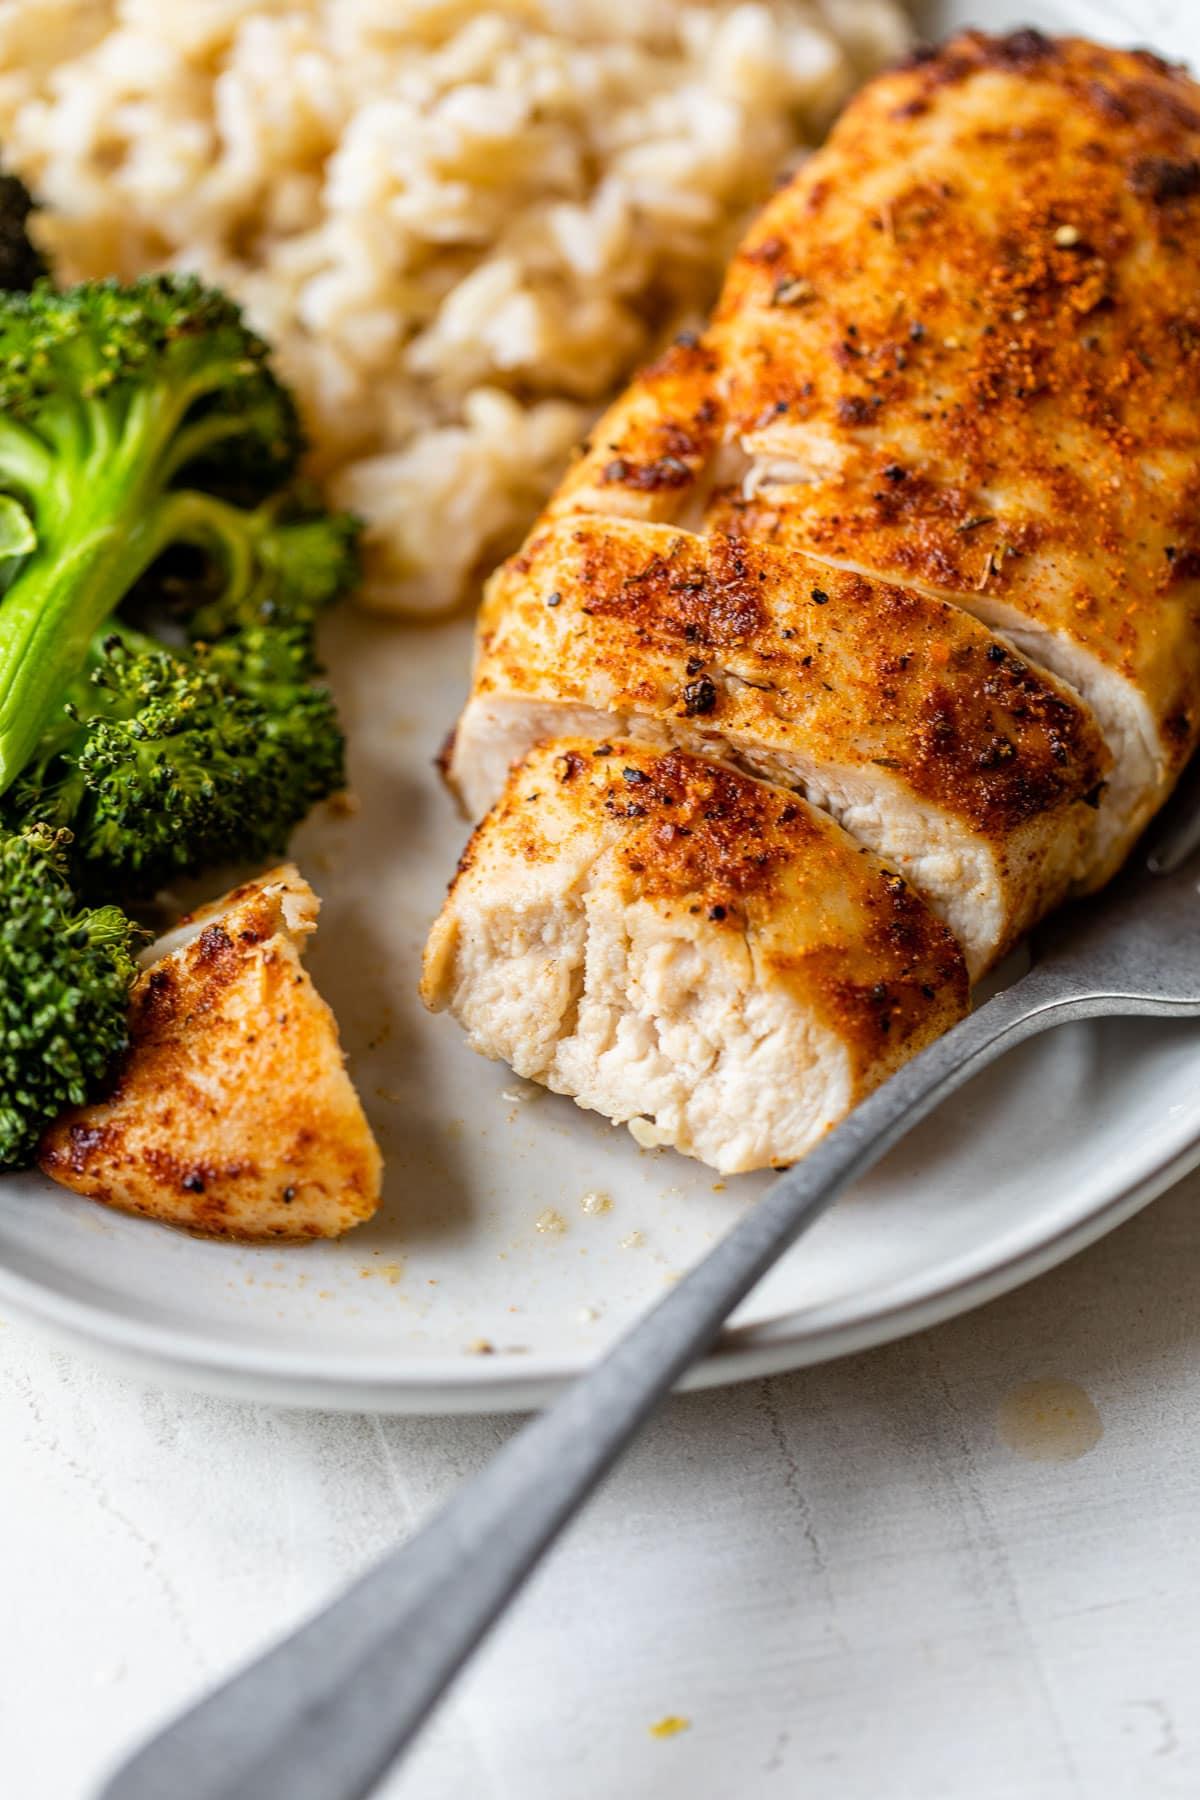 A sliced air fryer chicken breast